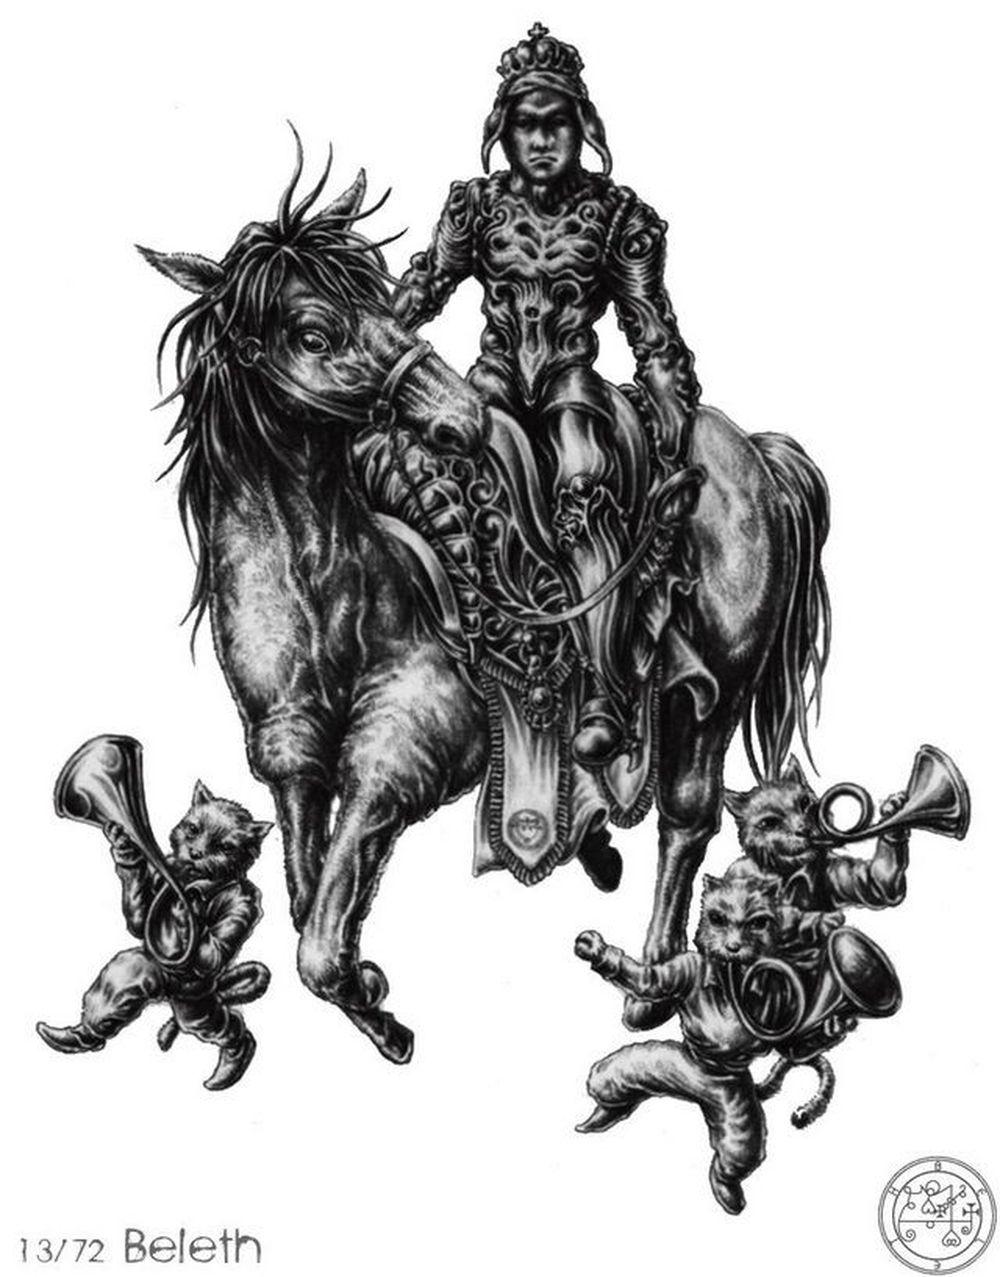 Một trong những vị vua mạnh mẽ của địa ngục, nắm trong tay 85 binh đoàn quỷ  dữ. Xuất hiện với người đàn ông cưỡi trên mình con ngựa trắng xung quanh ...